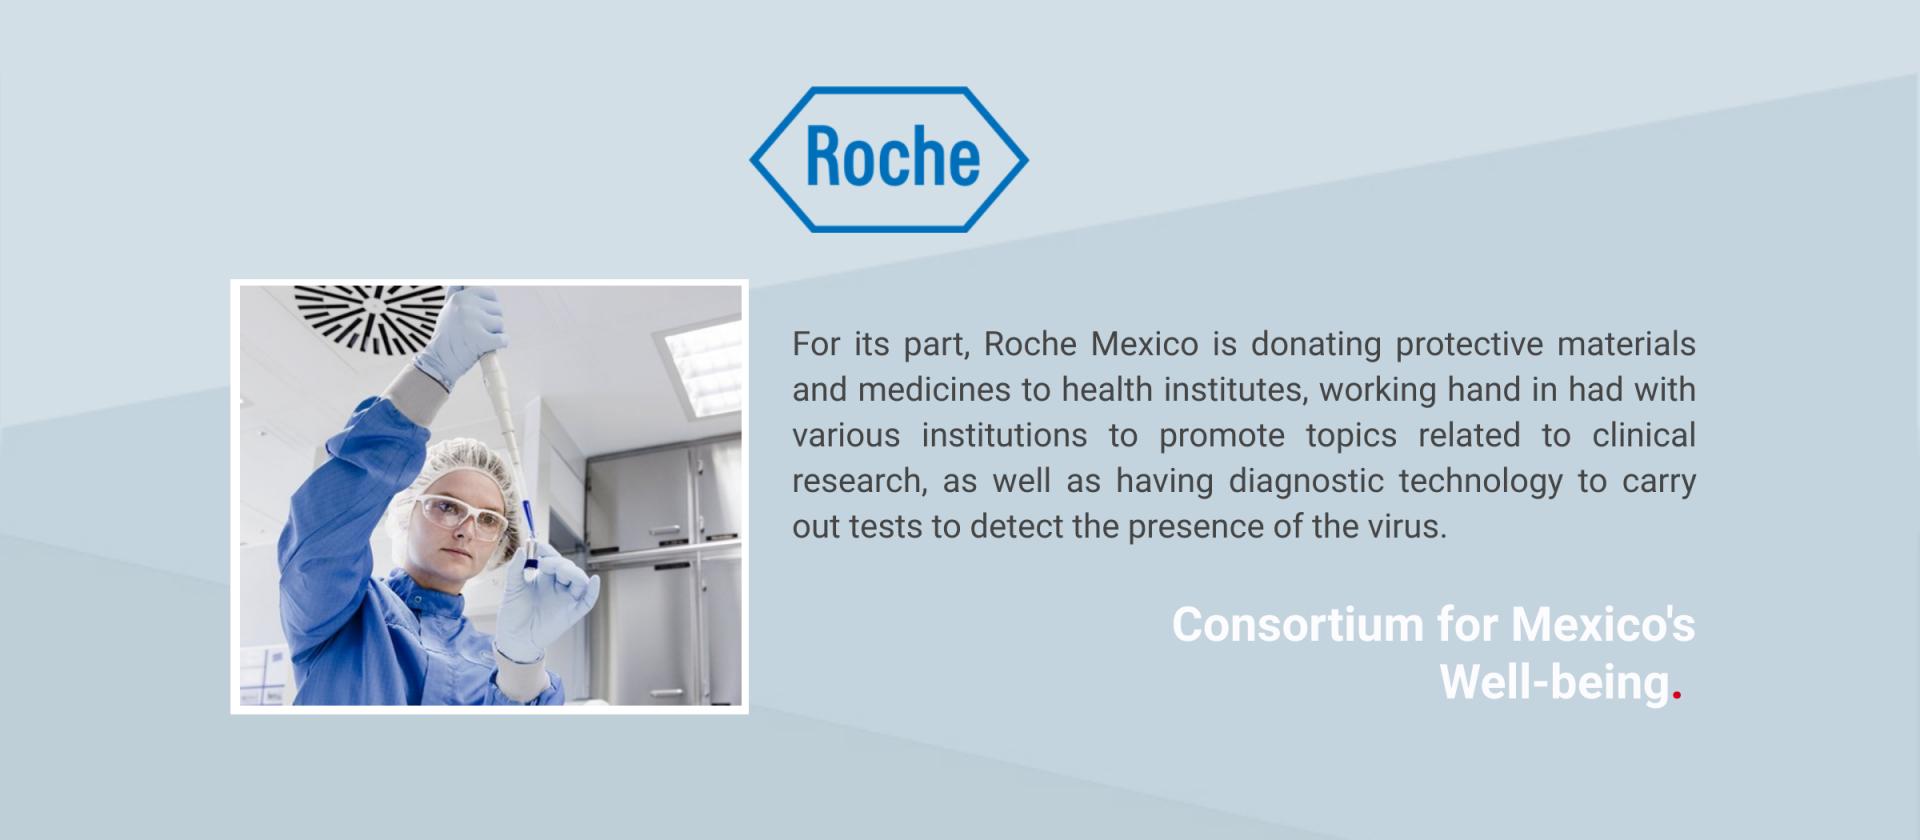 Press Release Roche